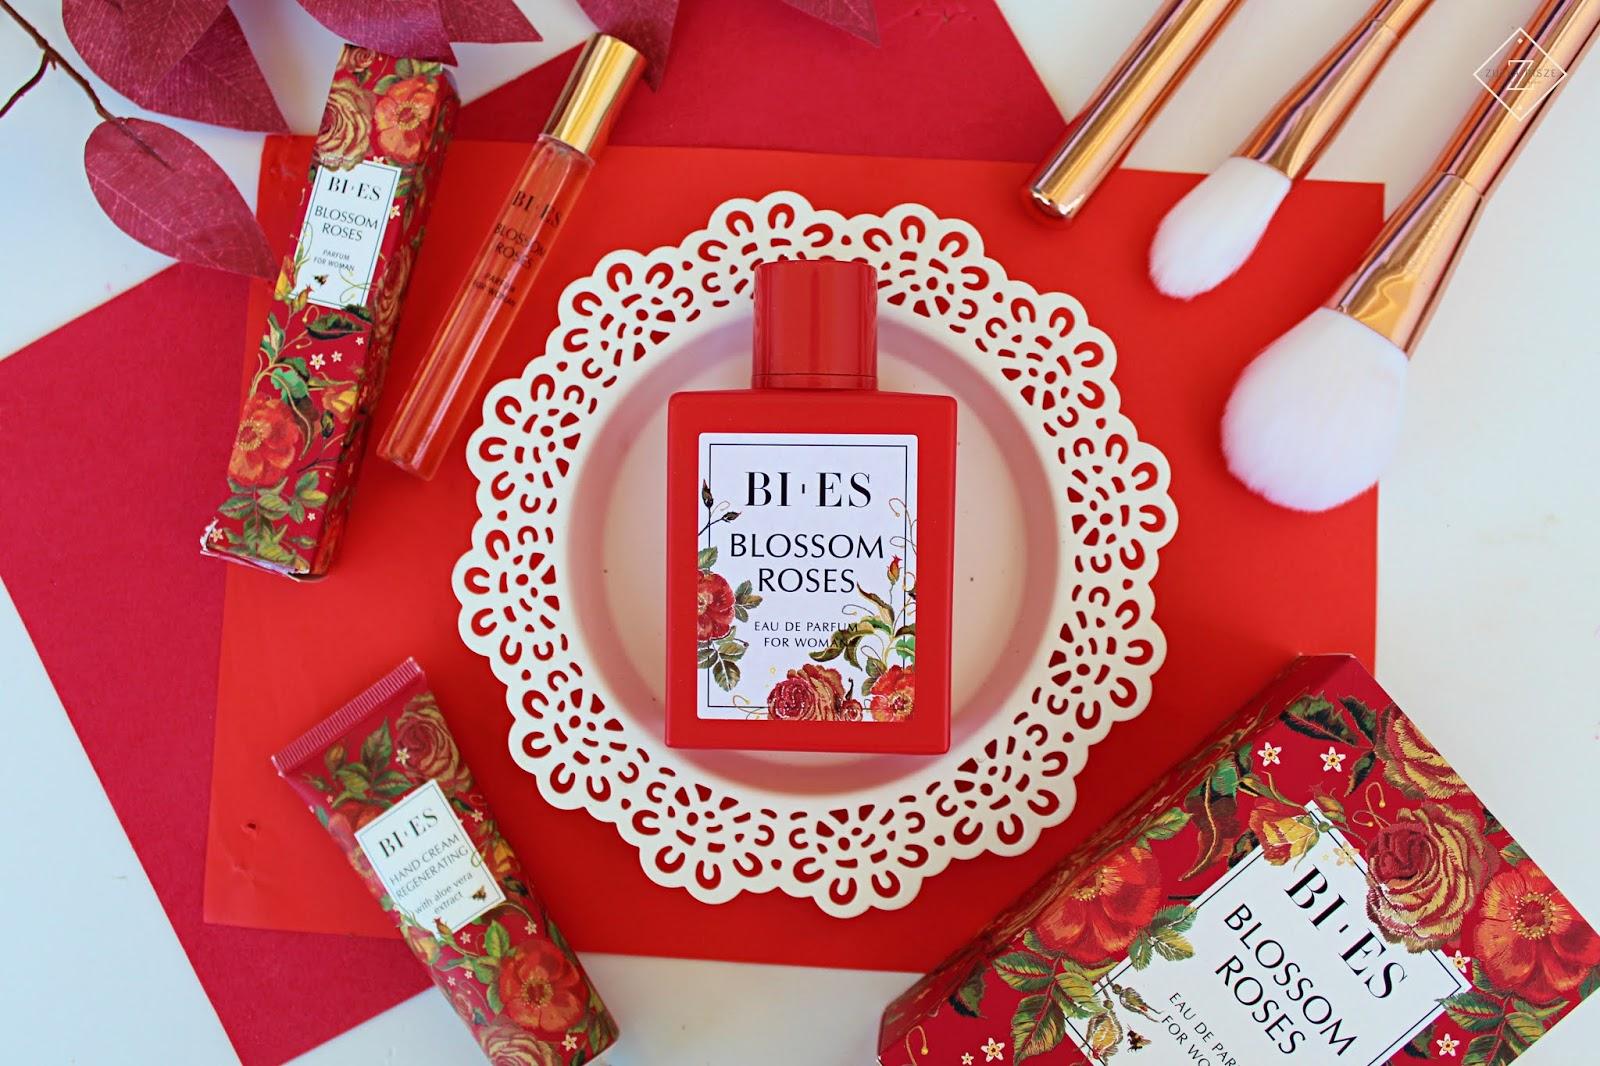 Bi-es Blossom Roses EDP - ukłon w stronę kobiety spełnionej i zdecydowanej